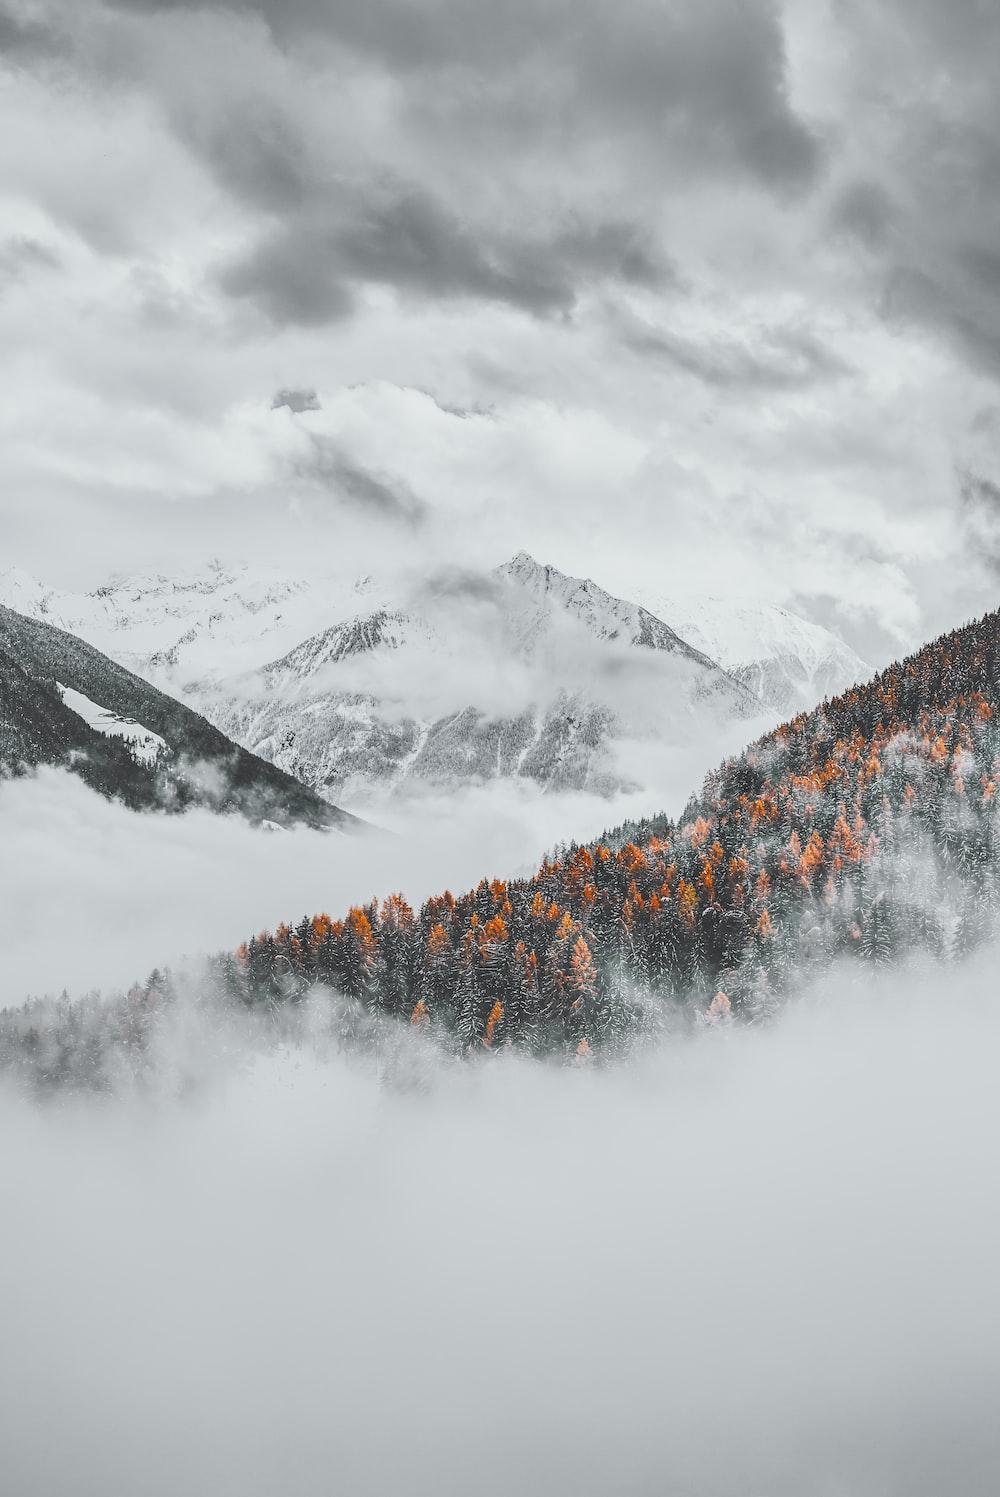 mountain at daytime